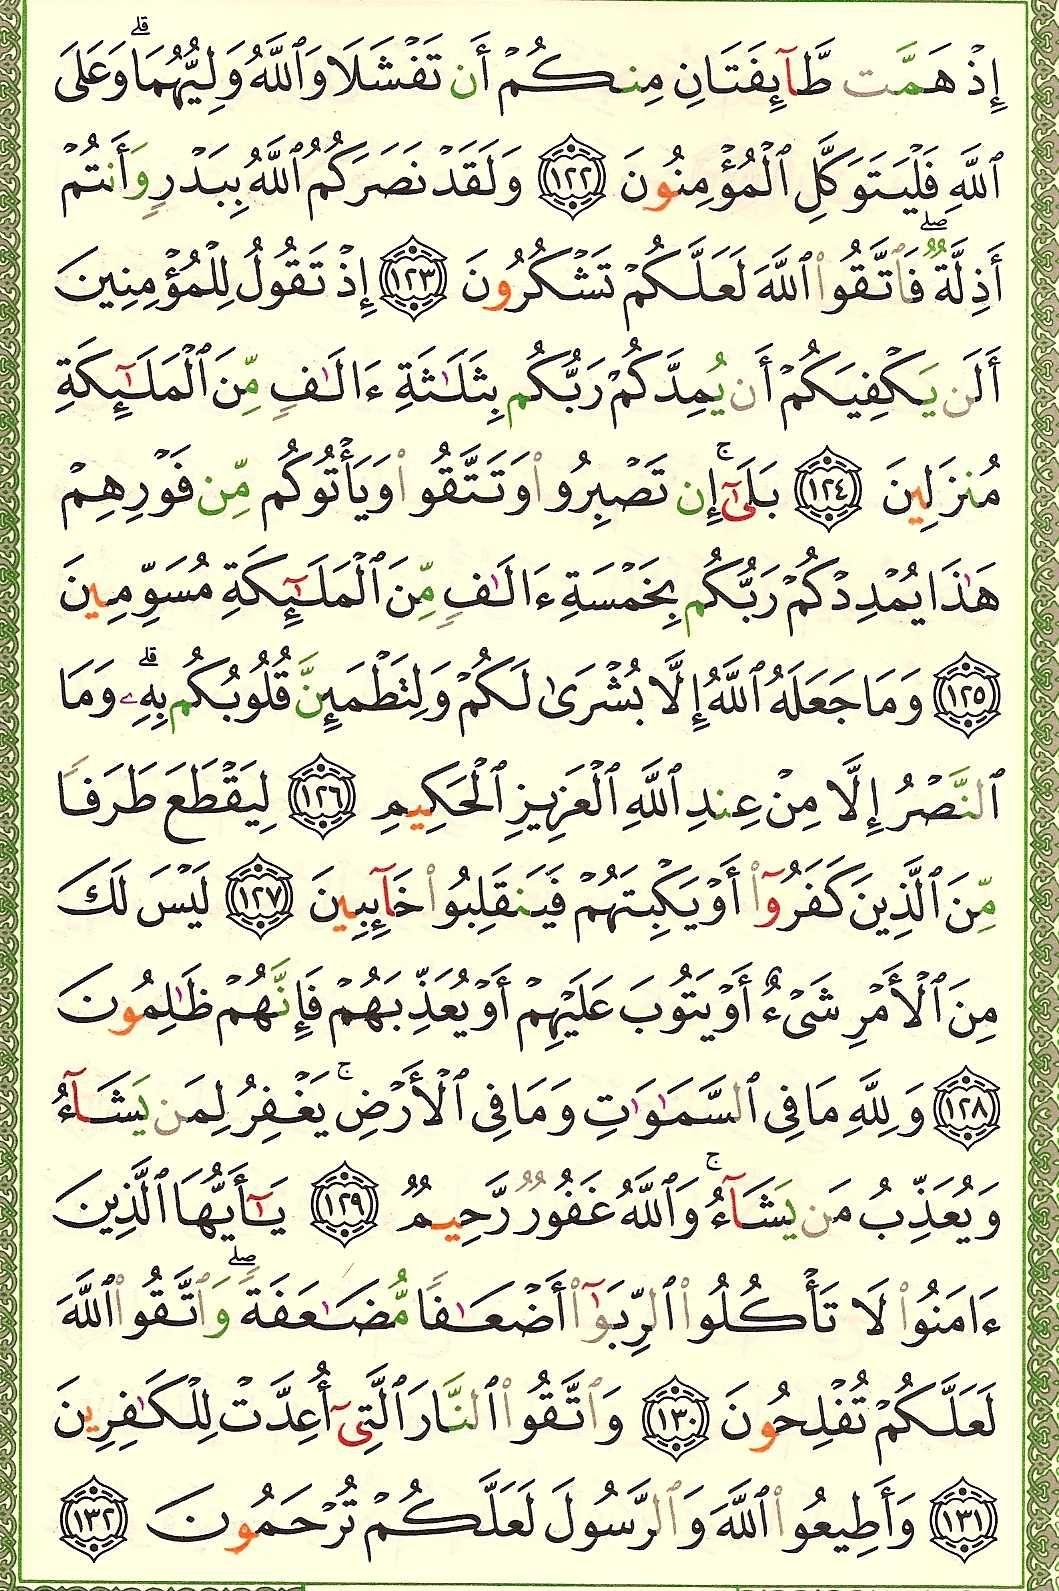 3. سورة آل عمران - Al-Imran مصورة من المصحف الشريف 066